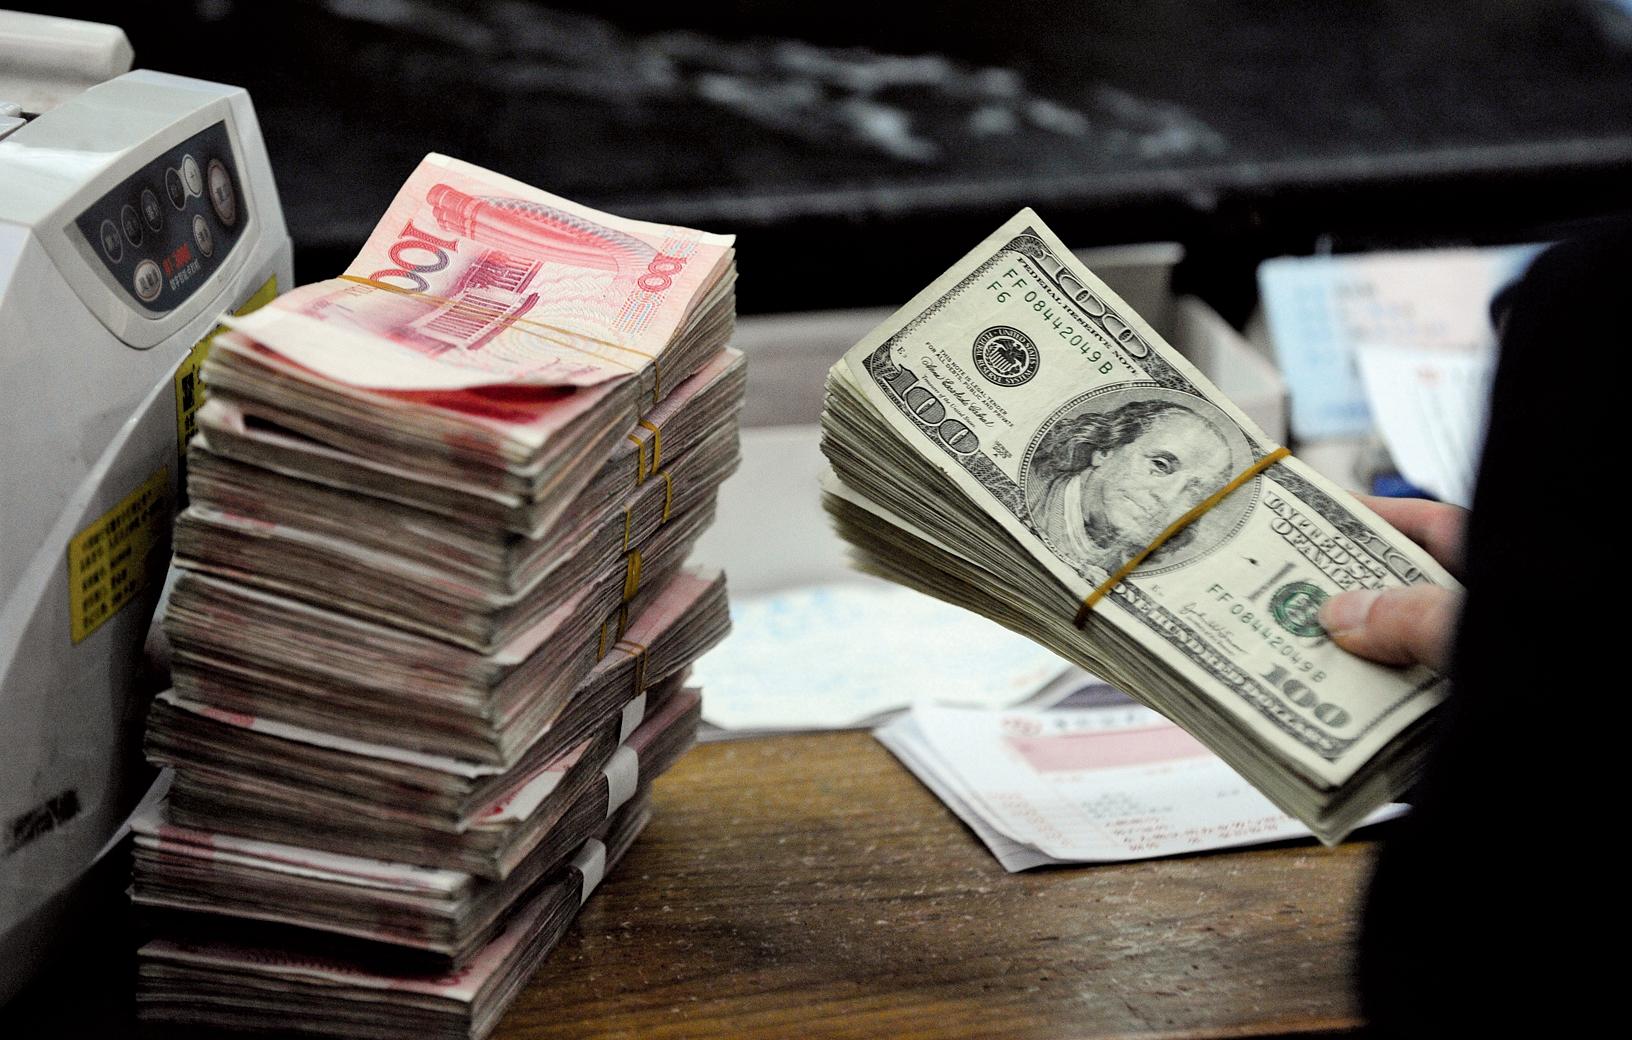 隨著中共當局努力阻止資本外流以及支撐下滑的人民幣,最新數據顯示中國外匯儲備下降遠遠超過預期,達到六年來最低水平。(Getty Images)